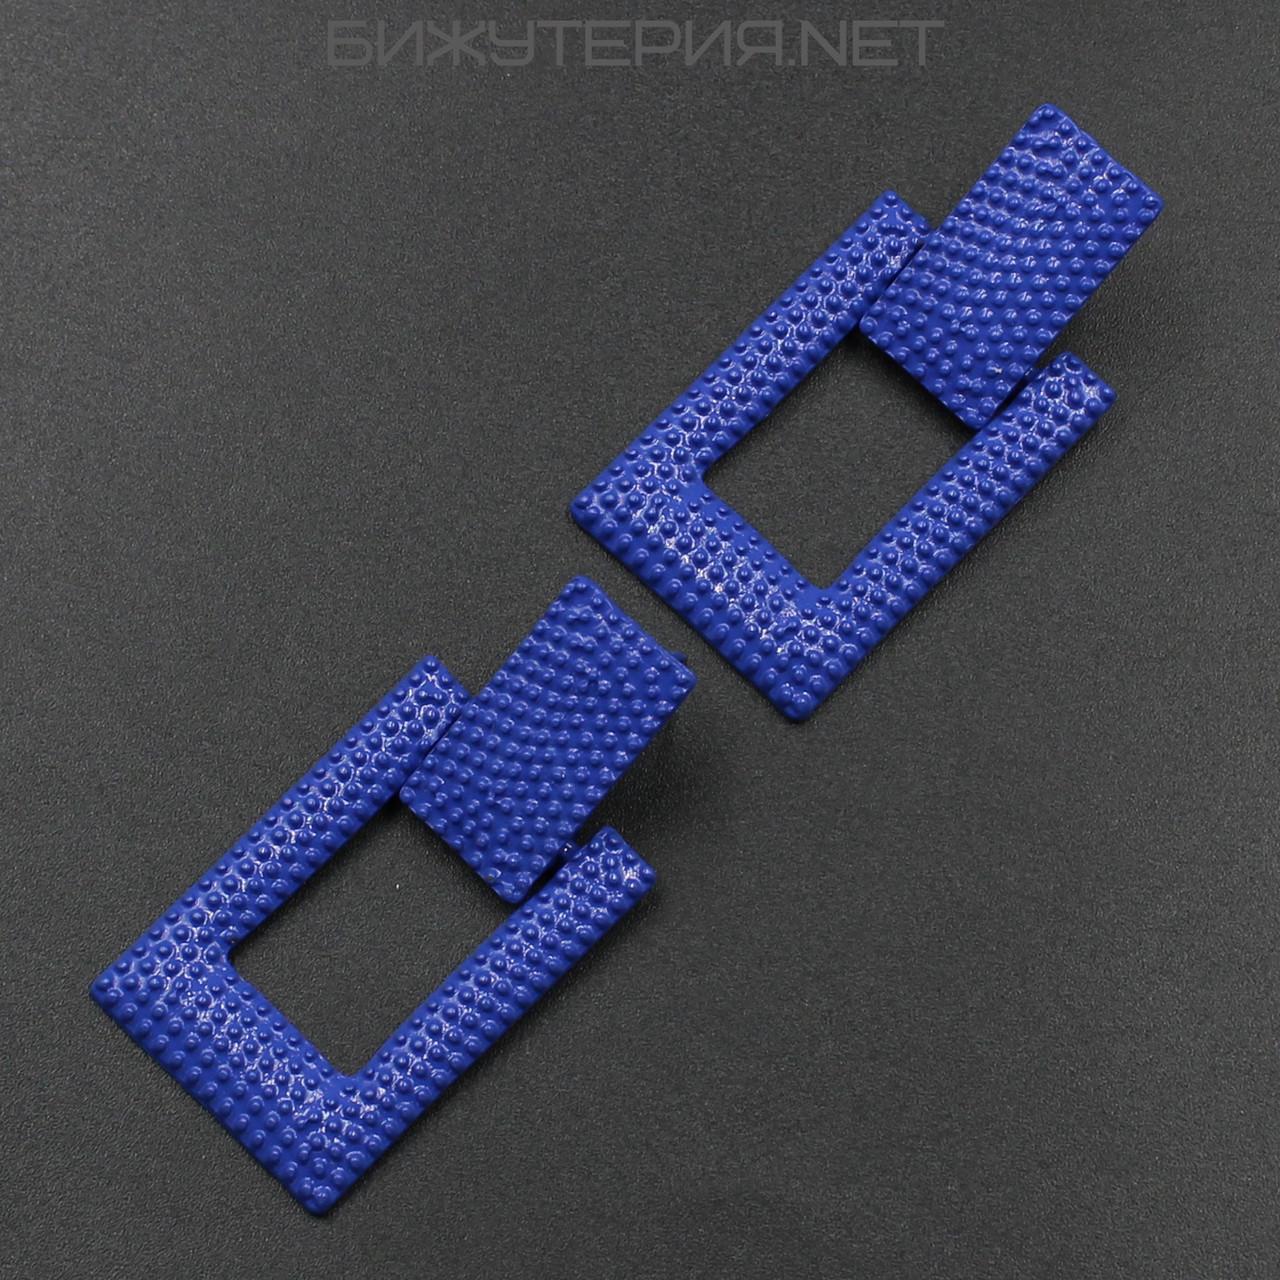 Винтажные серьги JB Геометрия металлические, эмаль синего цвета - 1054591477